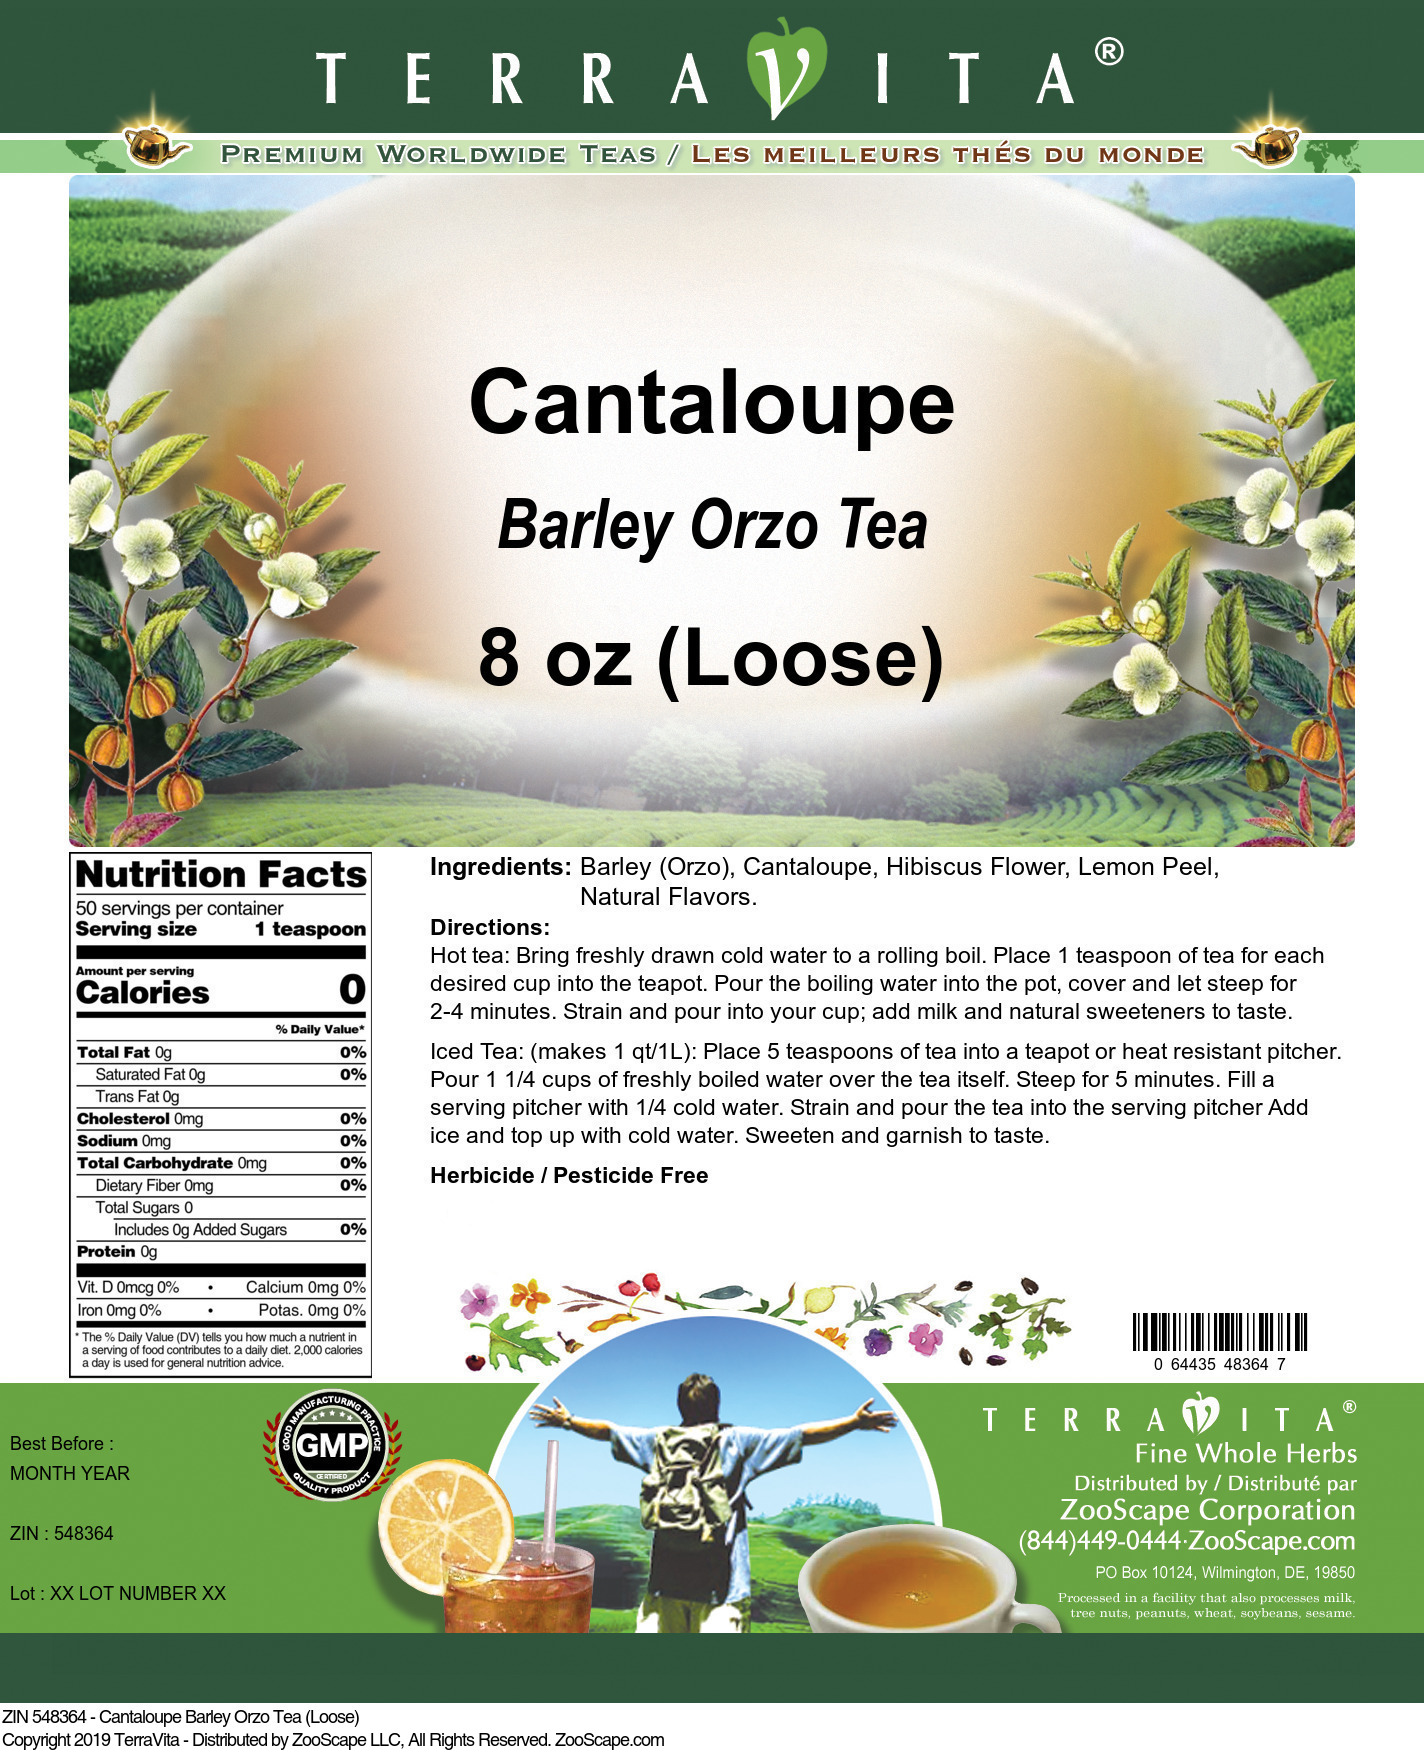 Cantaloupe Barley Orzo